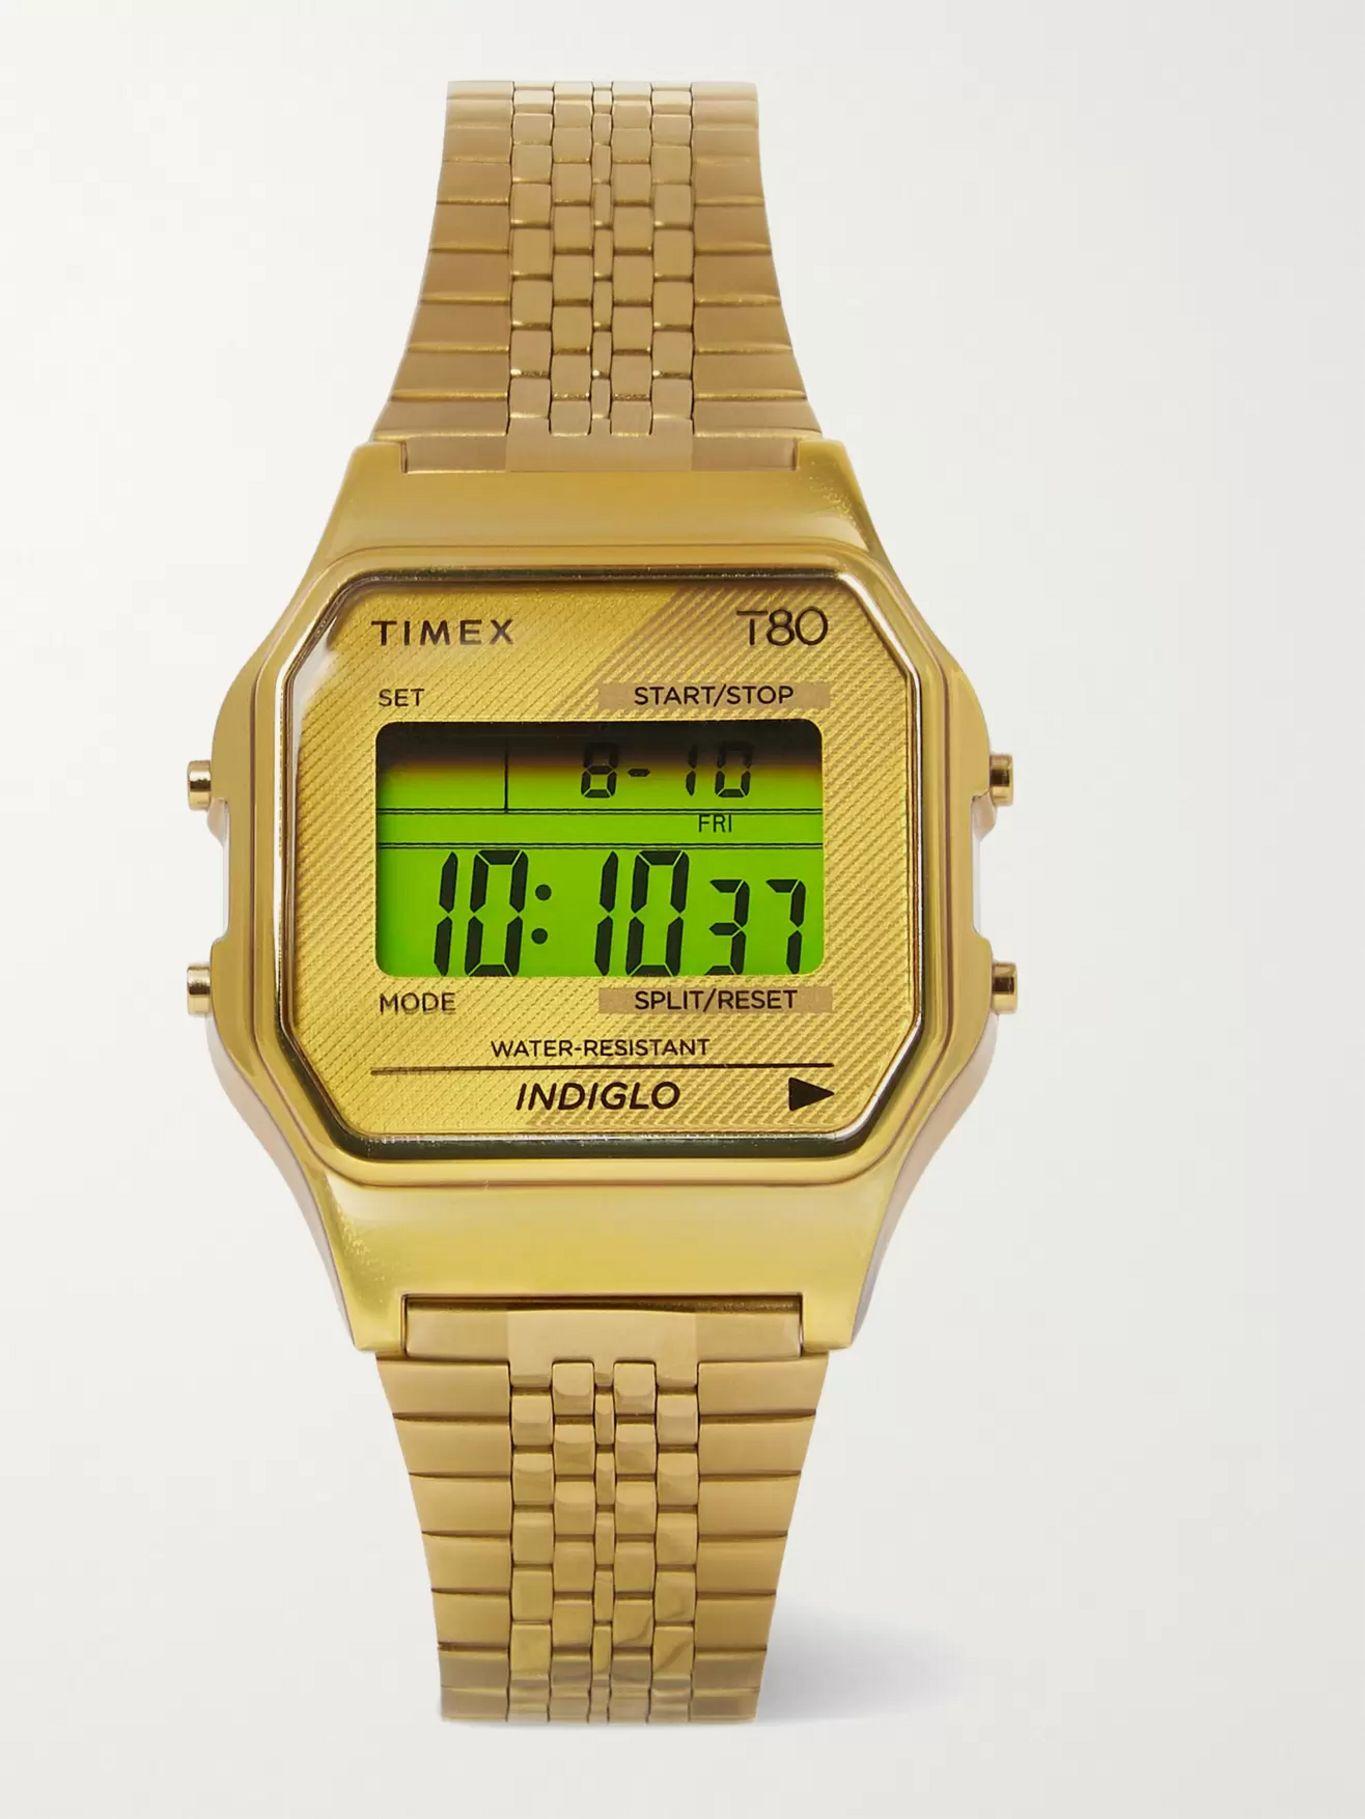 Timex Armbanduhr Amex Platinum Shoppingguthaben bei Mr Porter einlösen